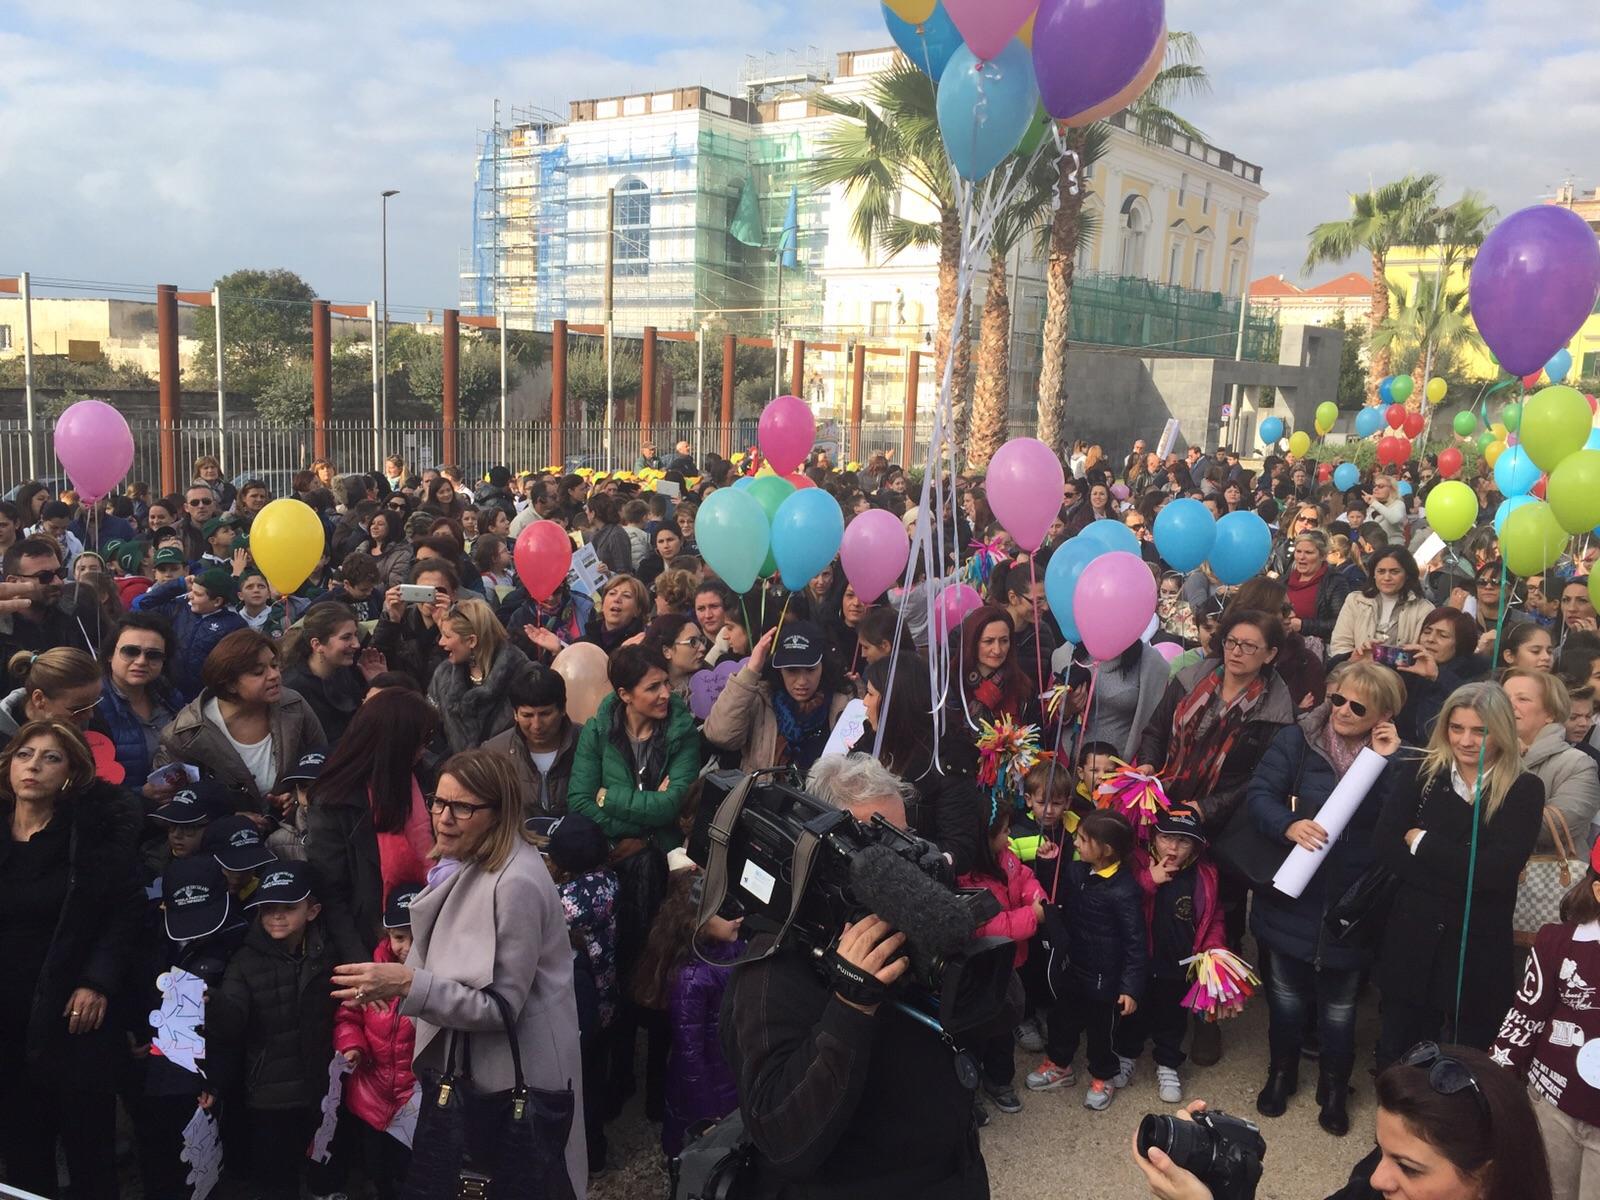 Giornata della Legalità e dei Diritti dell'Infanzia e dell'Adolescenza, a Ercolano mille studenti in piazza